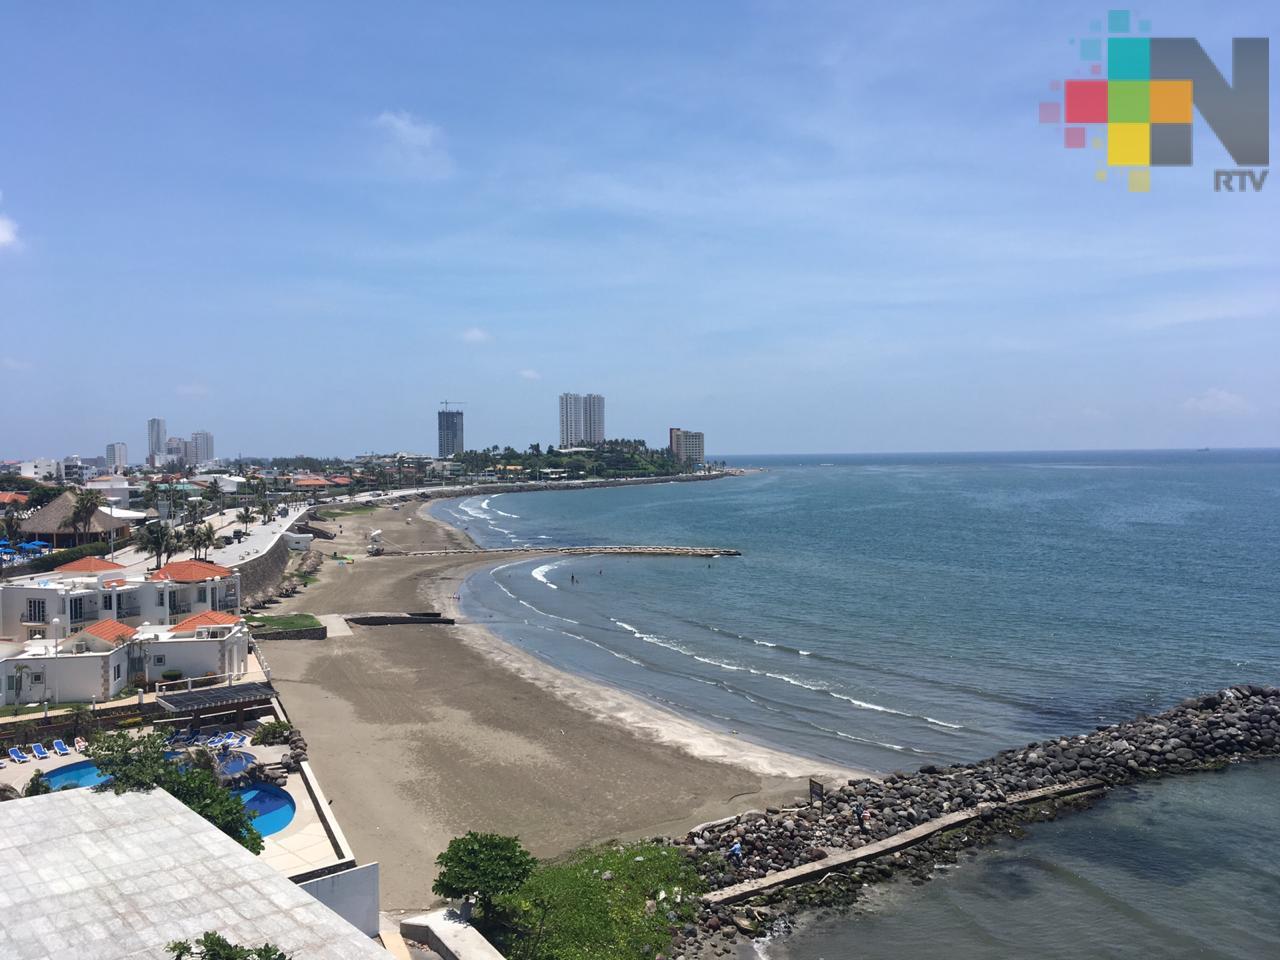 Fin de semana con clima estable a cálido, se espera Surada para el lunes y martes en Veracruz